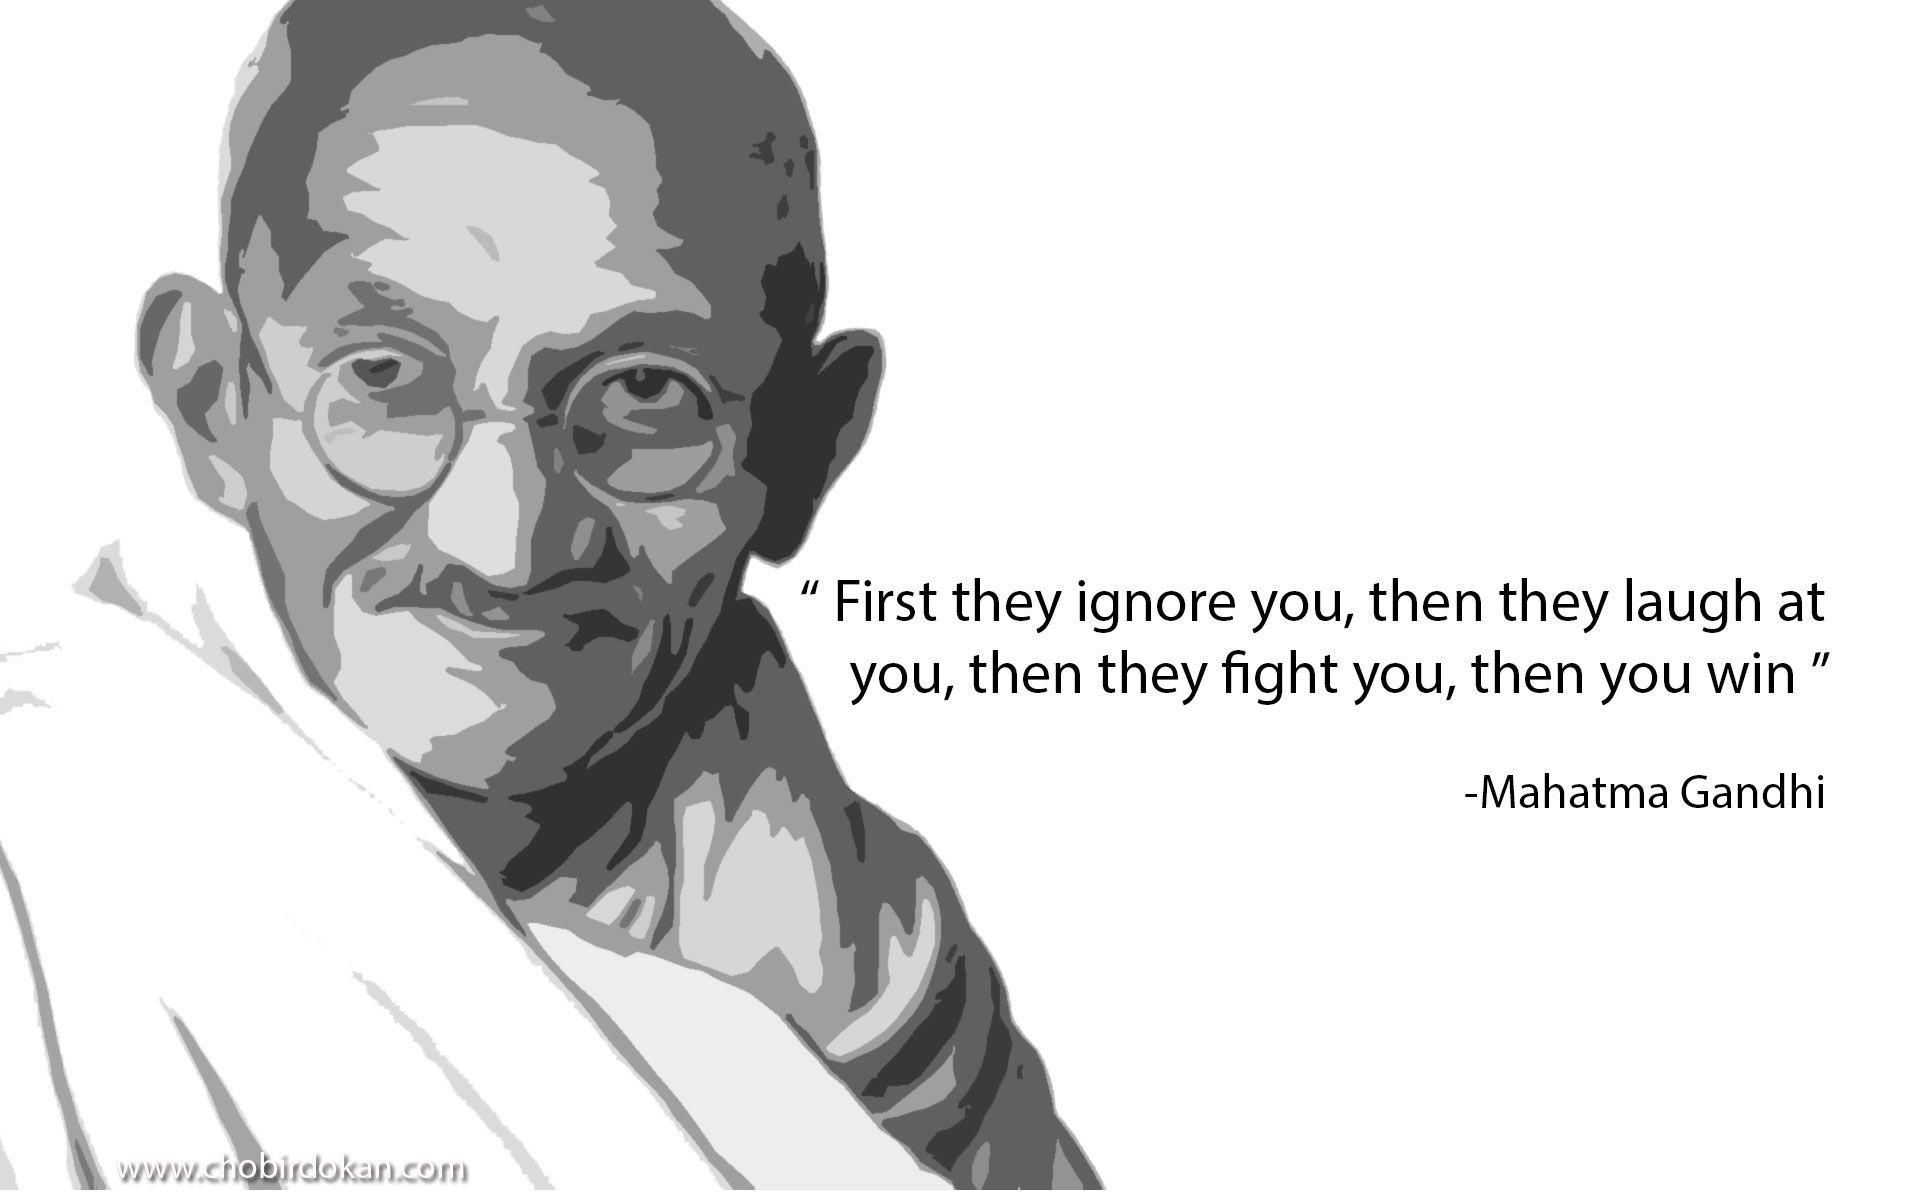 Gandhi Love Quotes Simple Mahatma Gandhi Short Quotes About Love  Cute Romantic & Sad Love